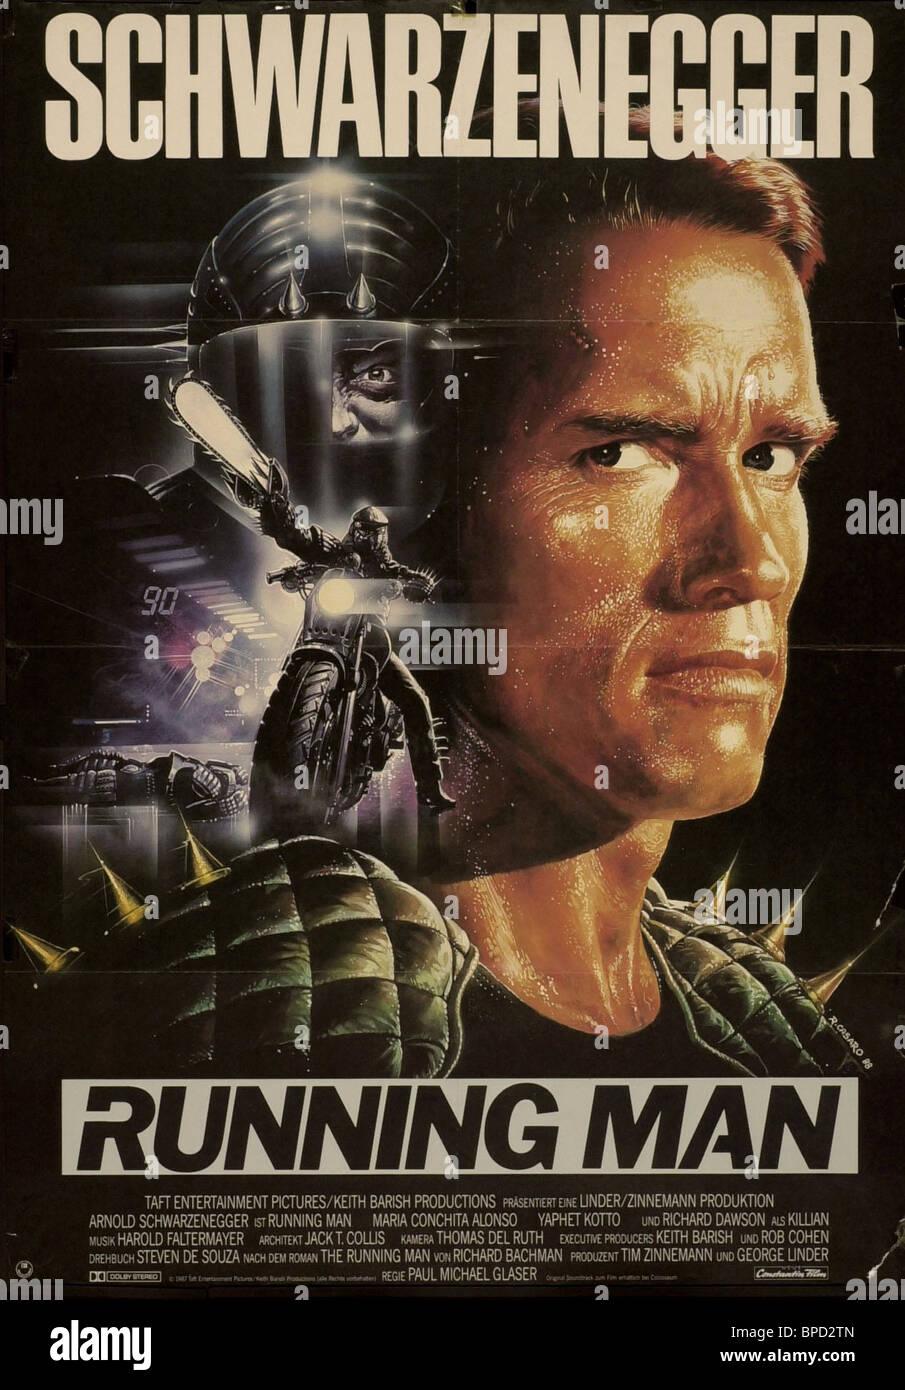 ARNOLD SCHWARZENEGGER POSTER THE RUNNING MAN (1987 Stock ...